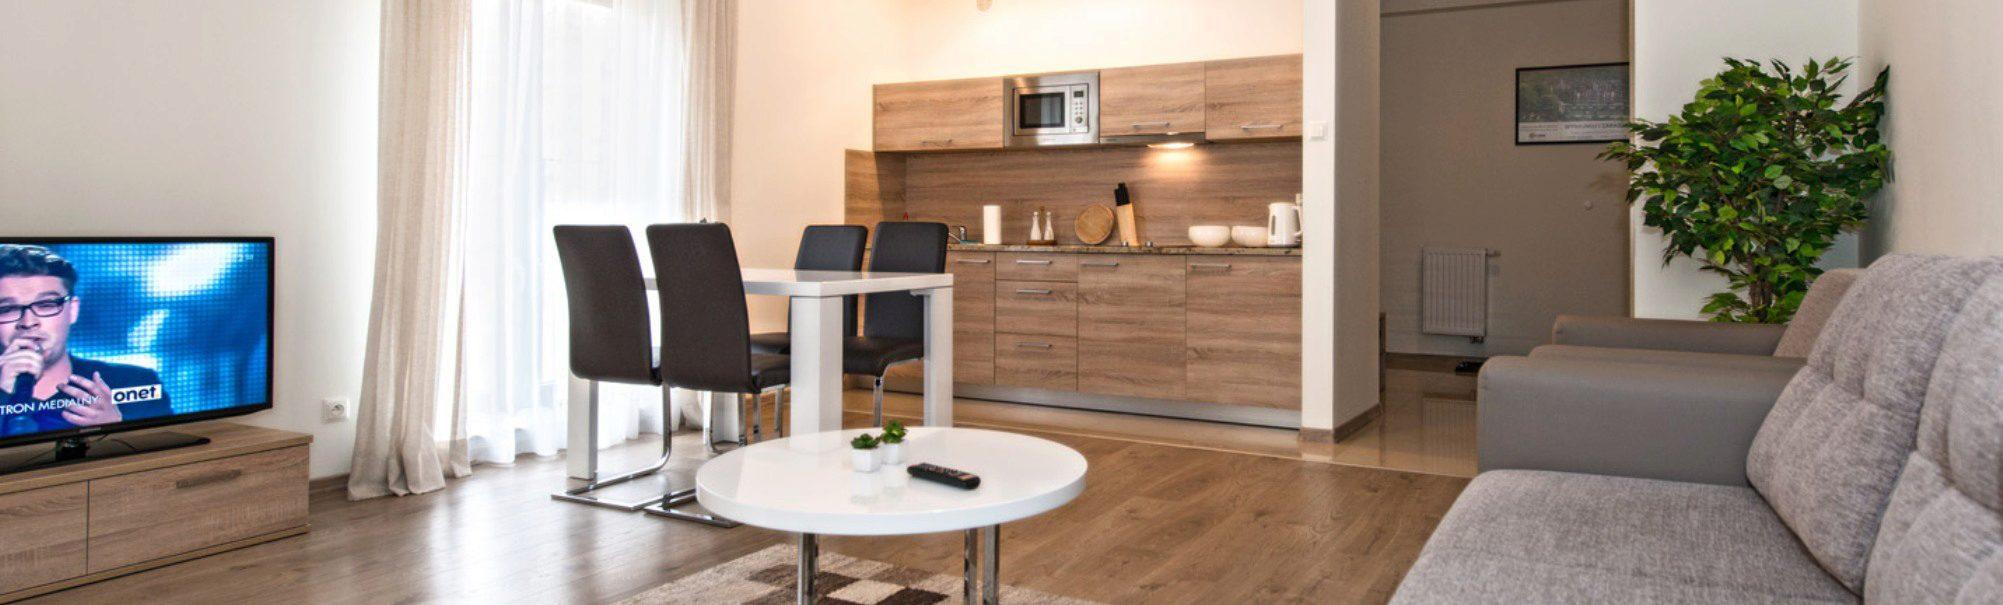 Apartamenty Sun&Snow Apartament 111 Szklarska Poręba